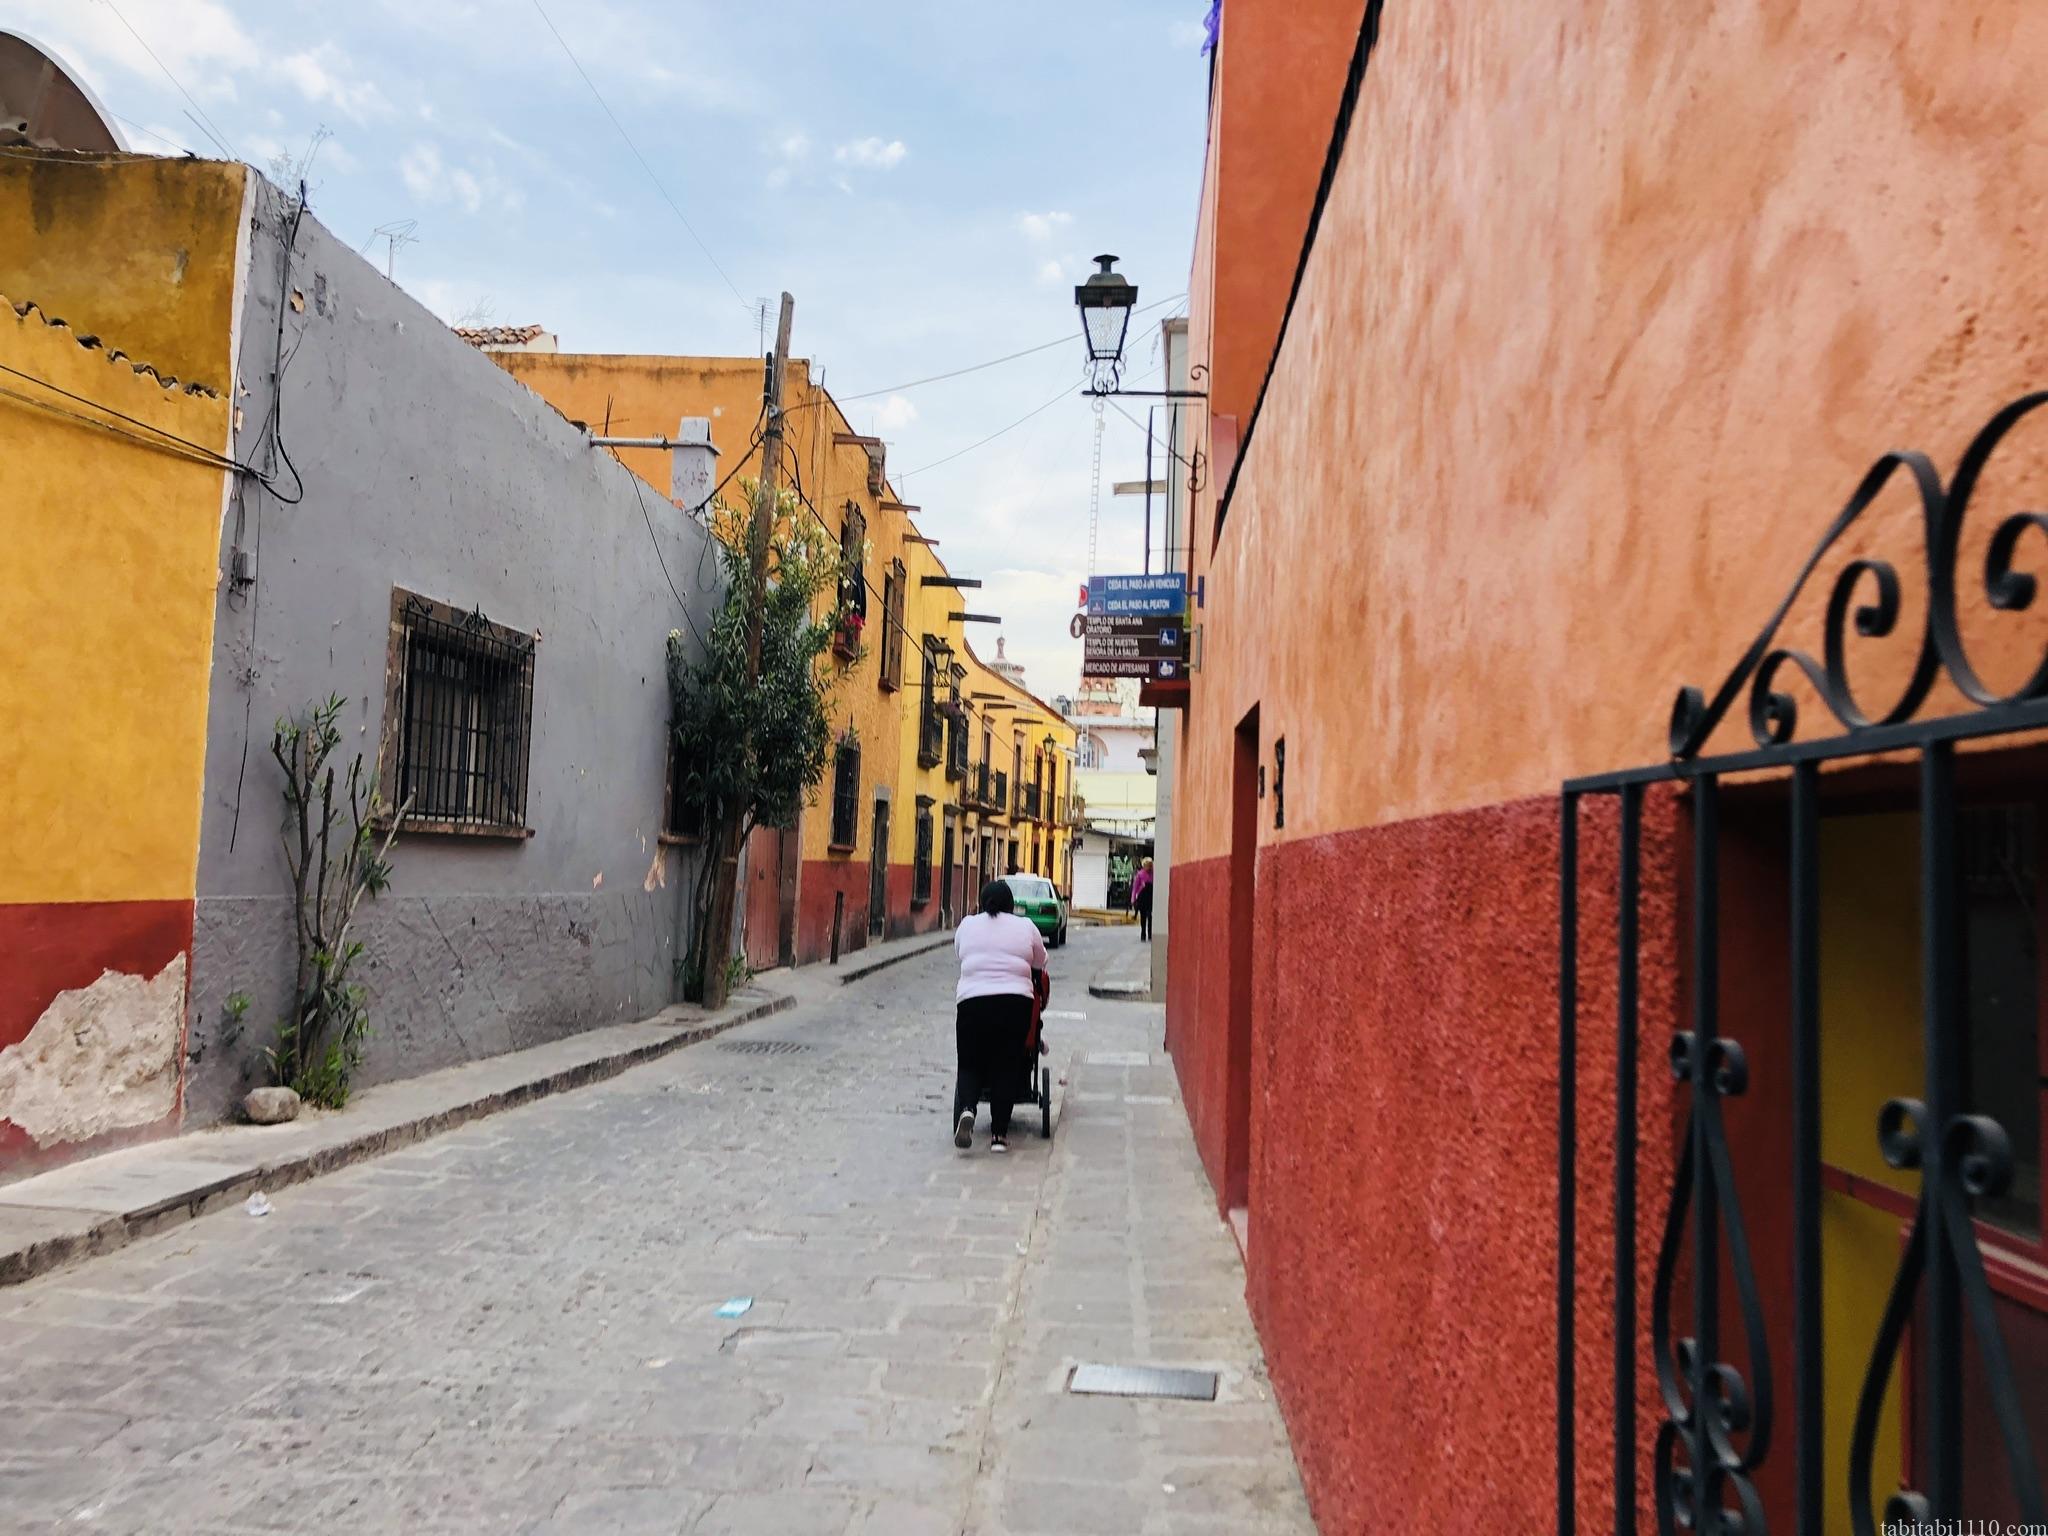 サンミゲルアジェンデ|街並み